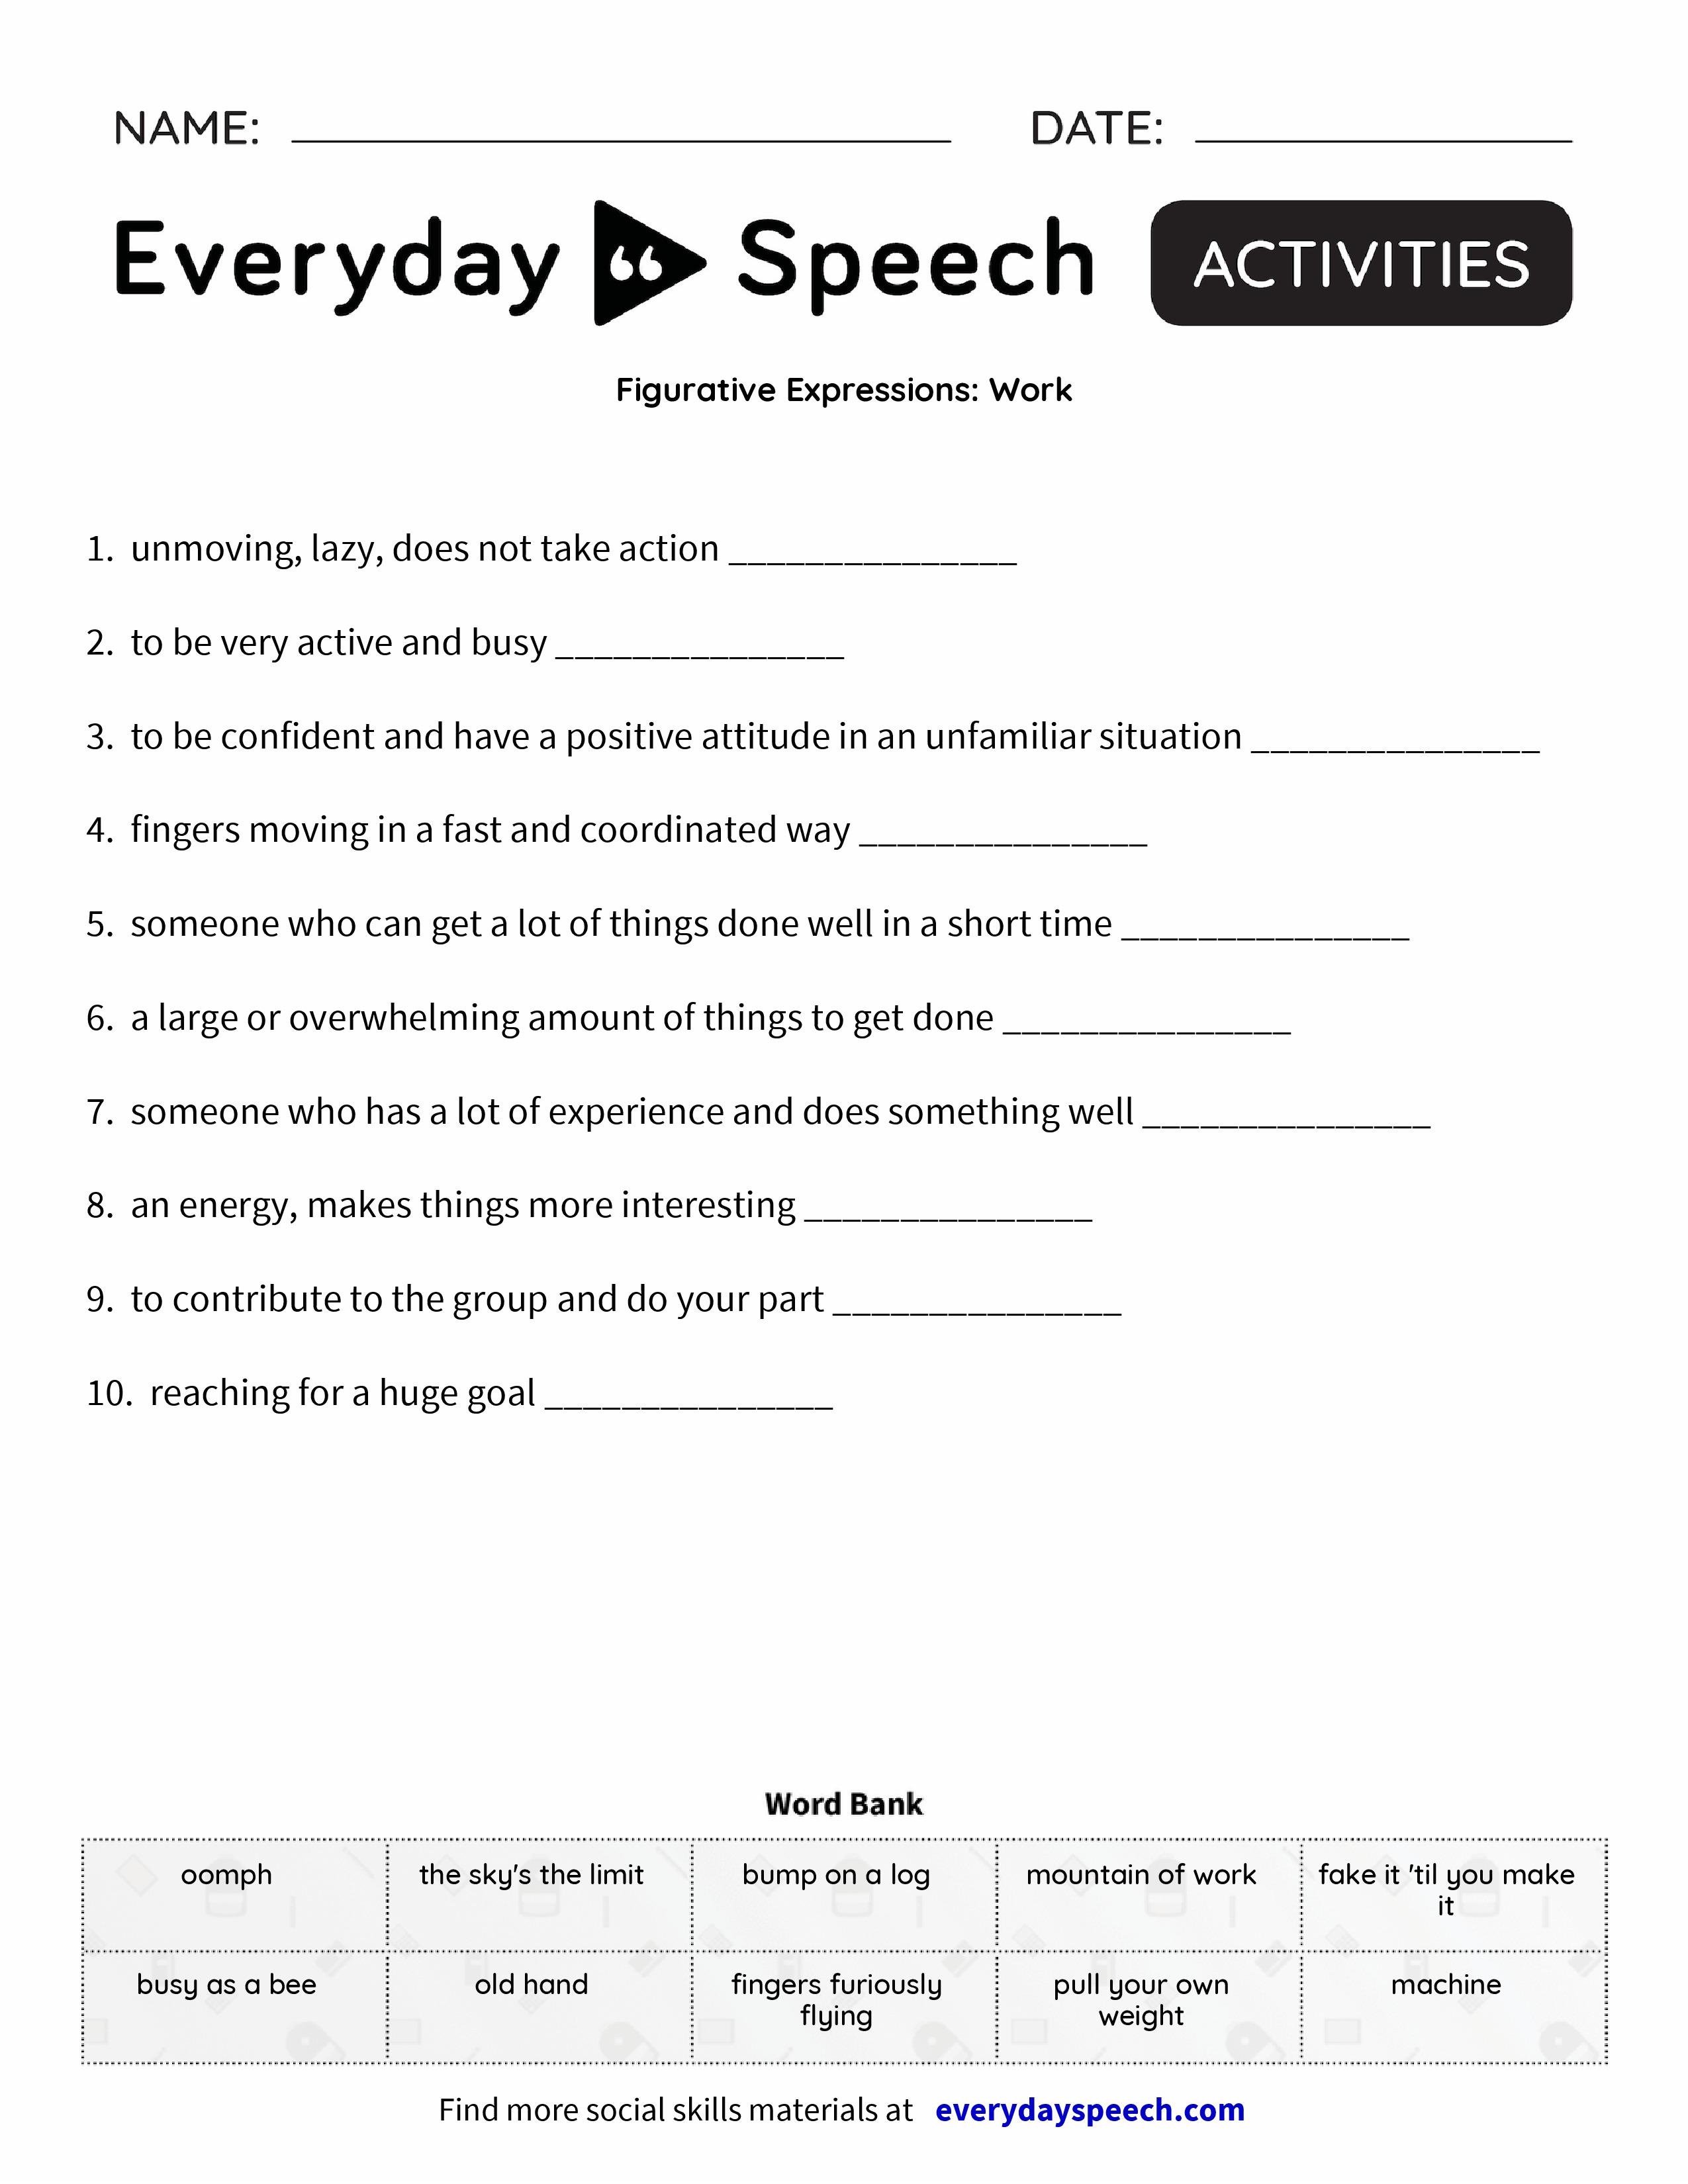 Figur Tive Expressi S W K Everyd Y Speech Everyd Y Speech